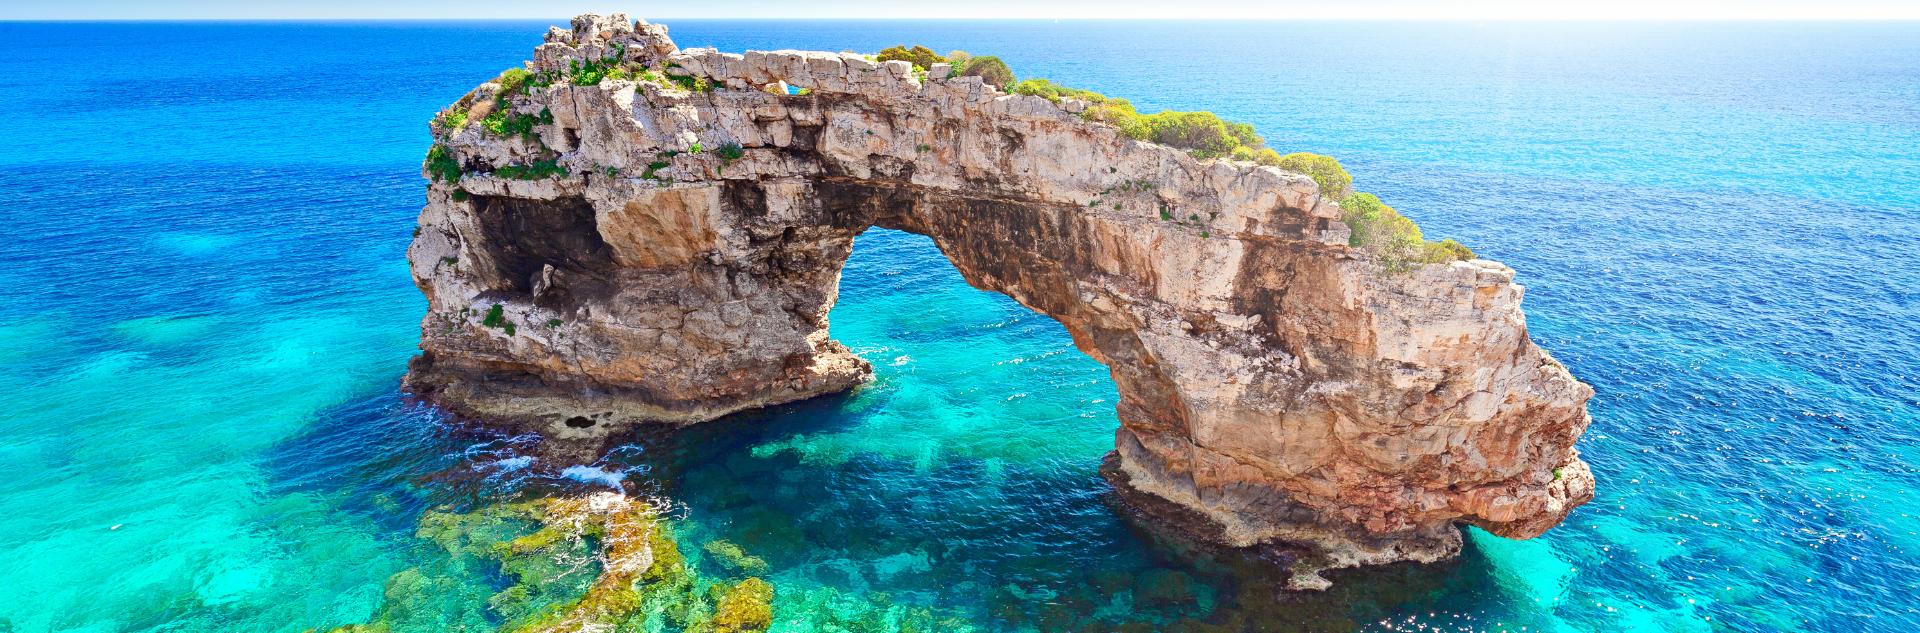 Spanien - Steinbrücke im Meer